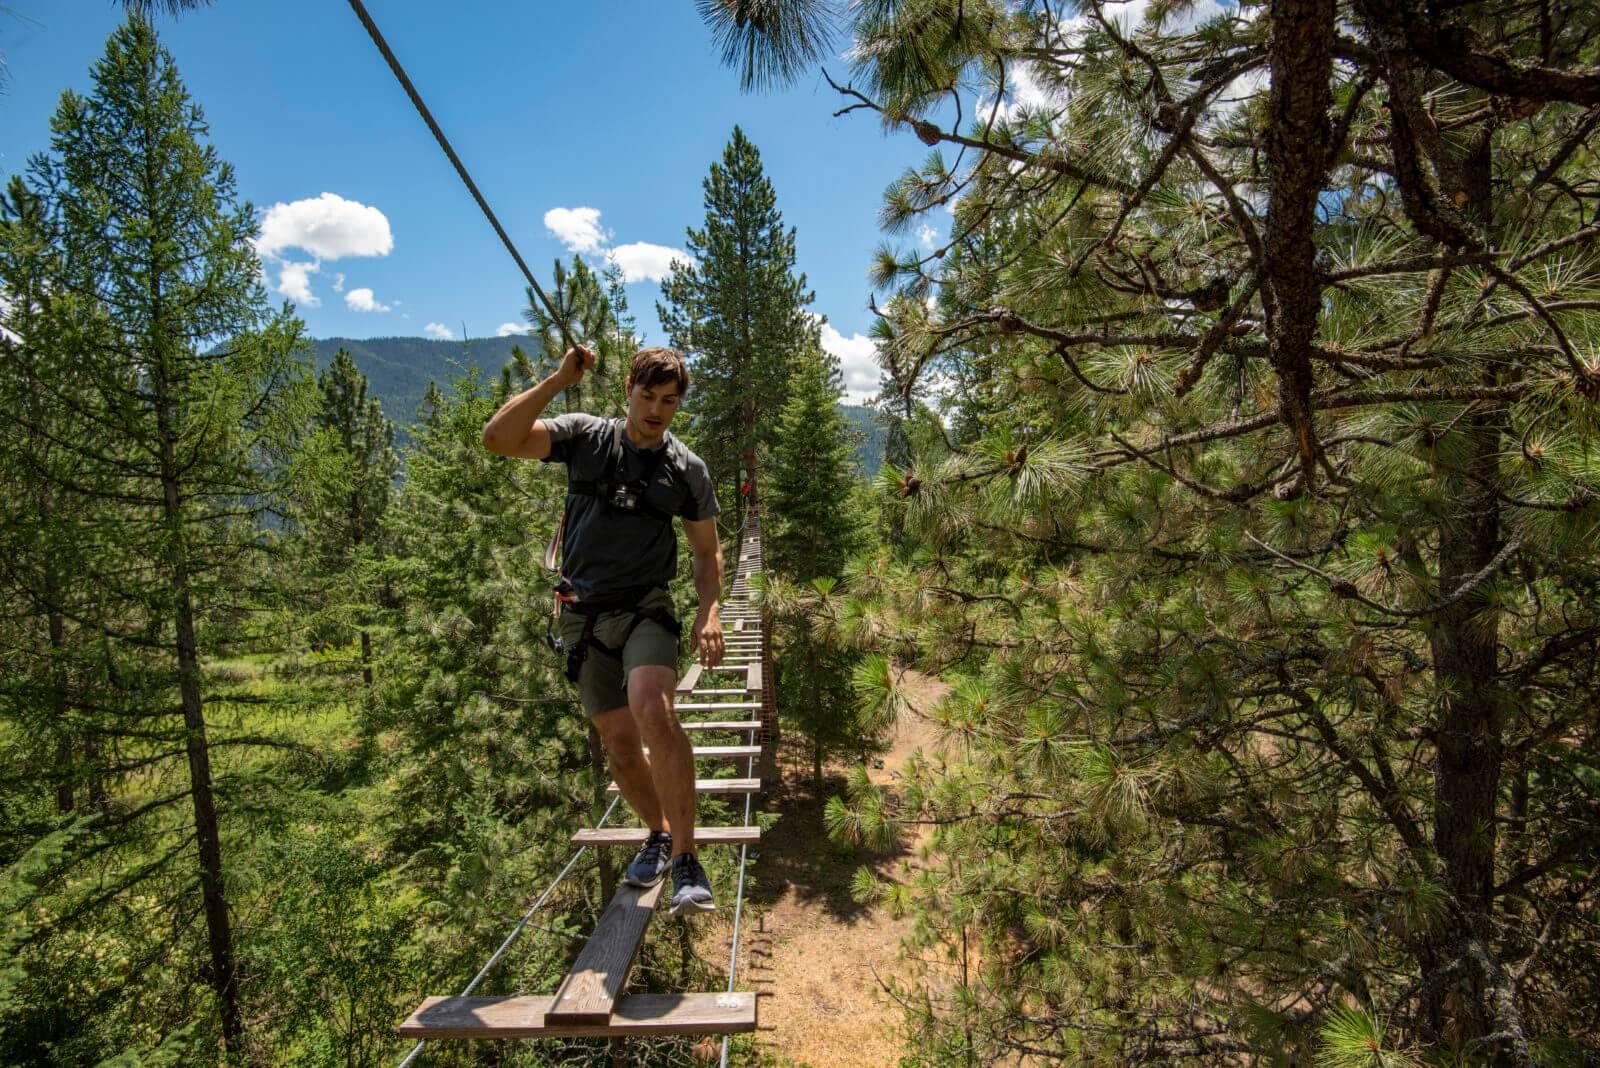 Tree to Tree Adventure Park, near Athol. Photo Credit: Idaho Tourism.